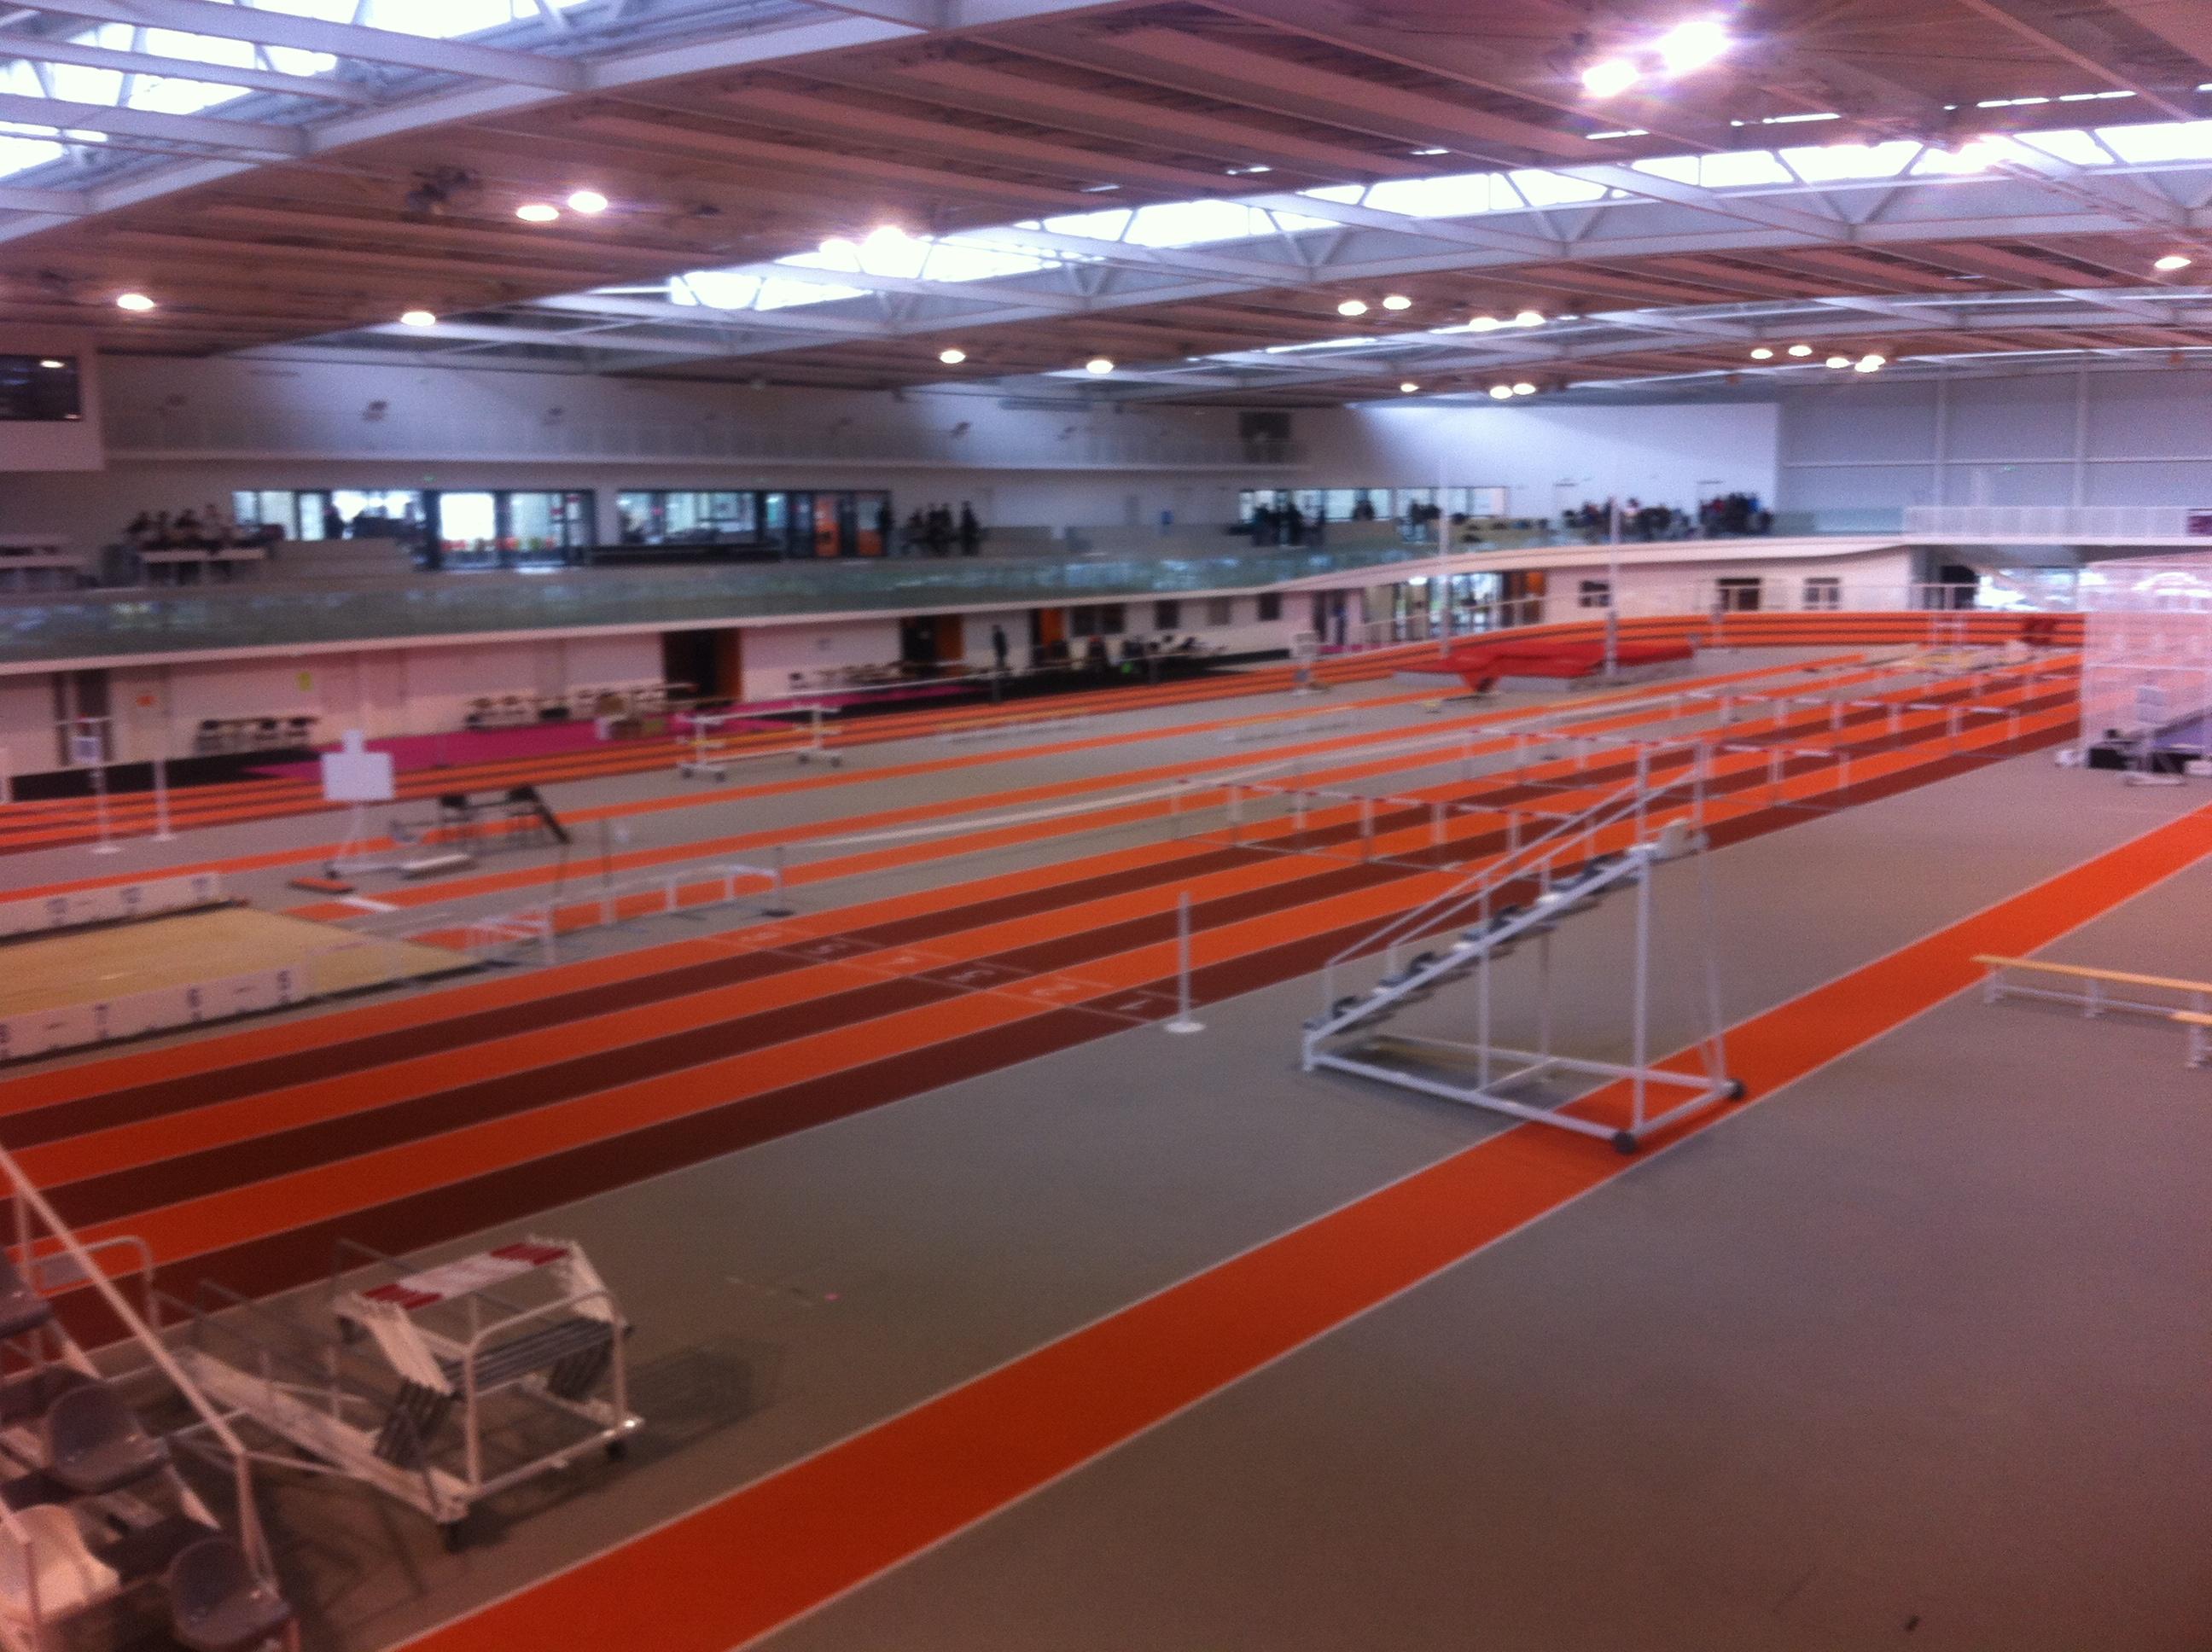 Championnat de France Athlétisme UNSS Rennes 2016